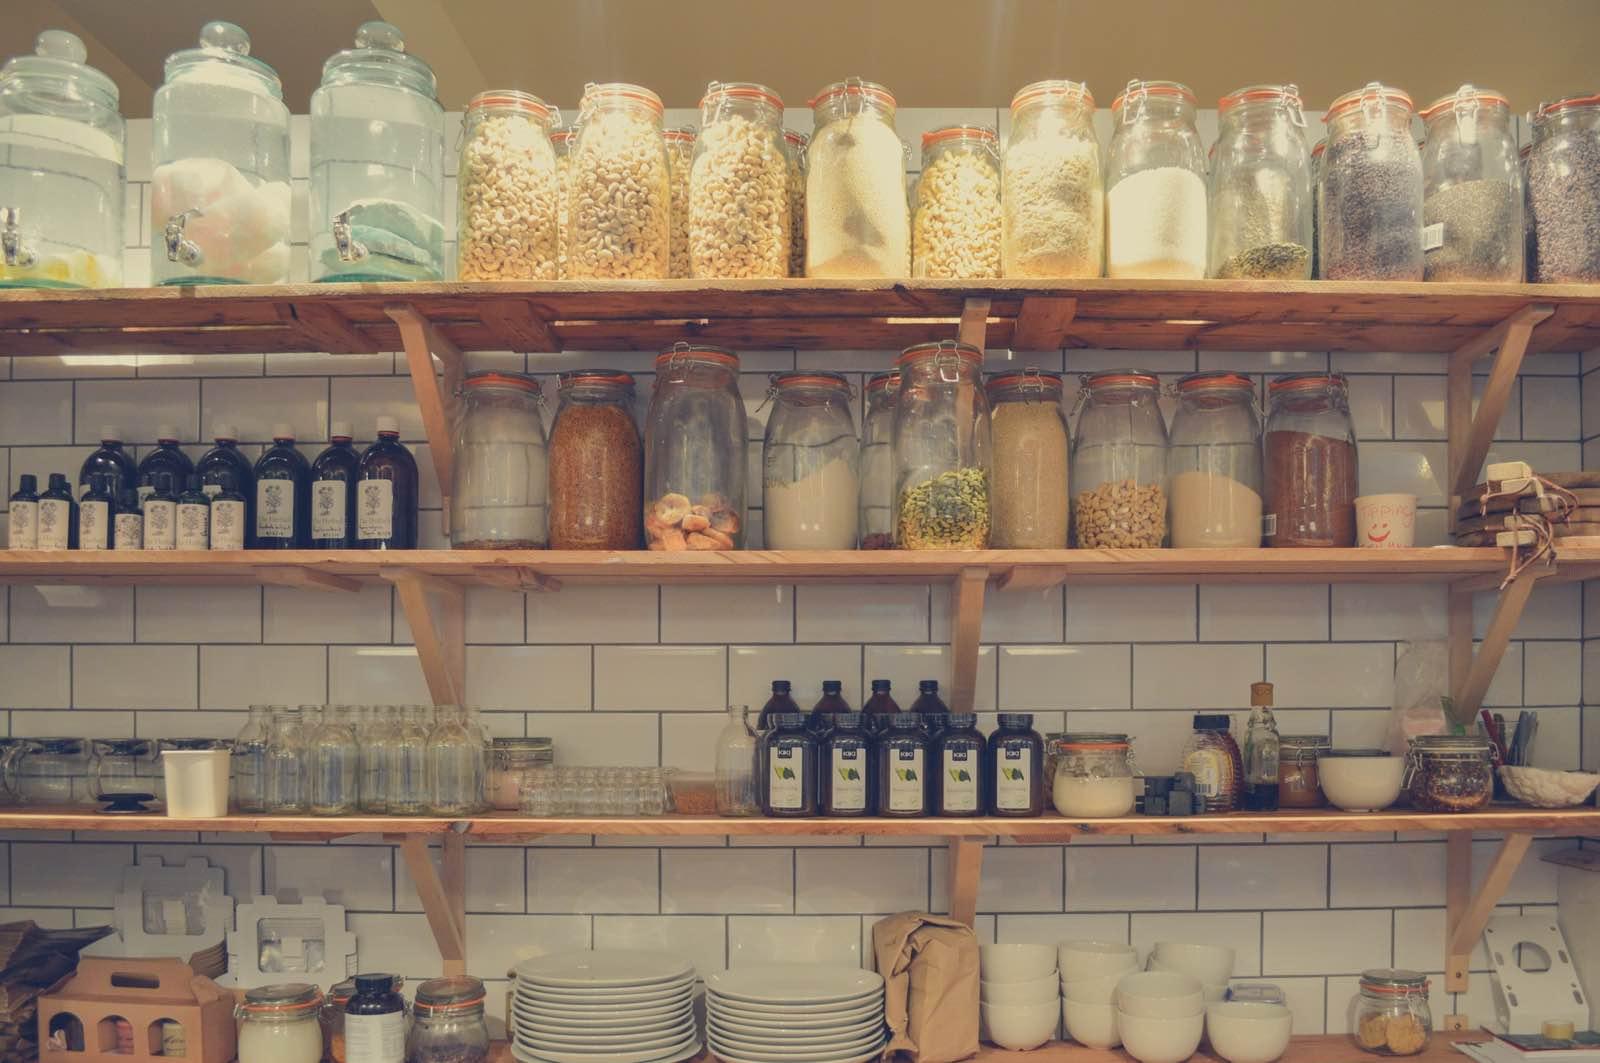 Ideen, wie du dein Obst und Gemüse zu Hause lagern kannst